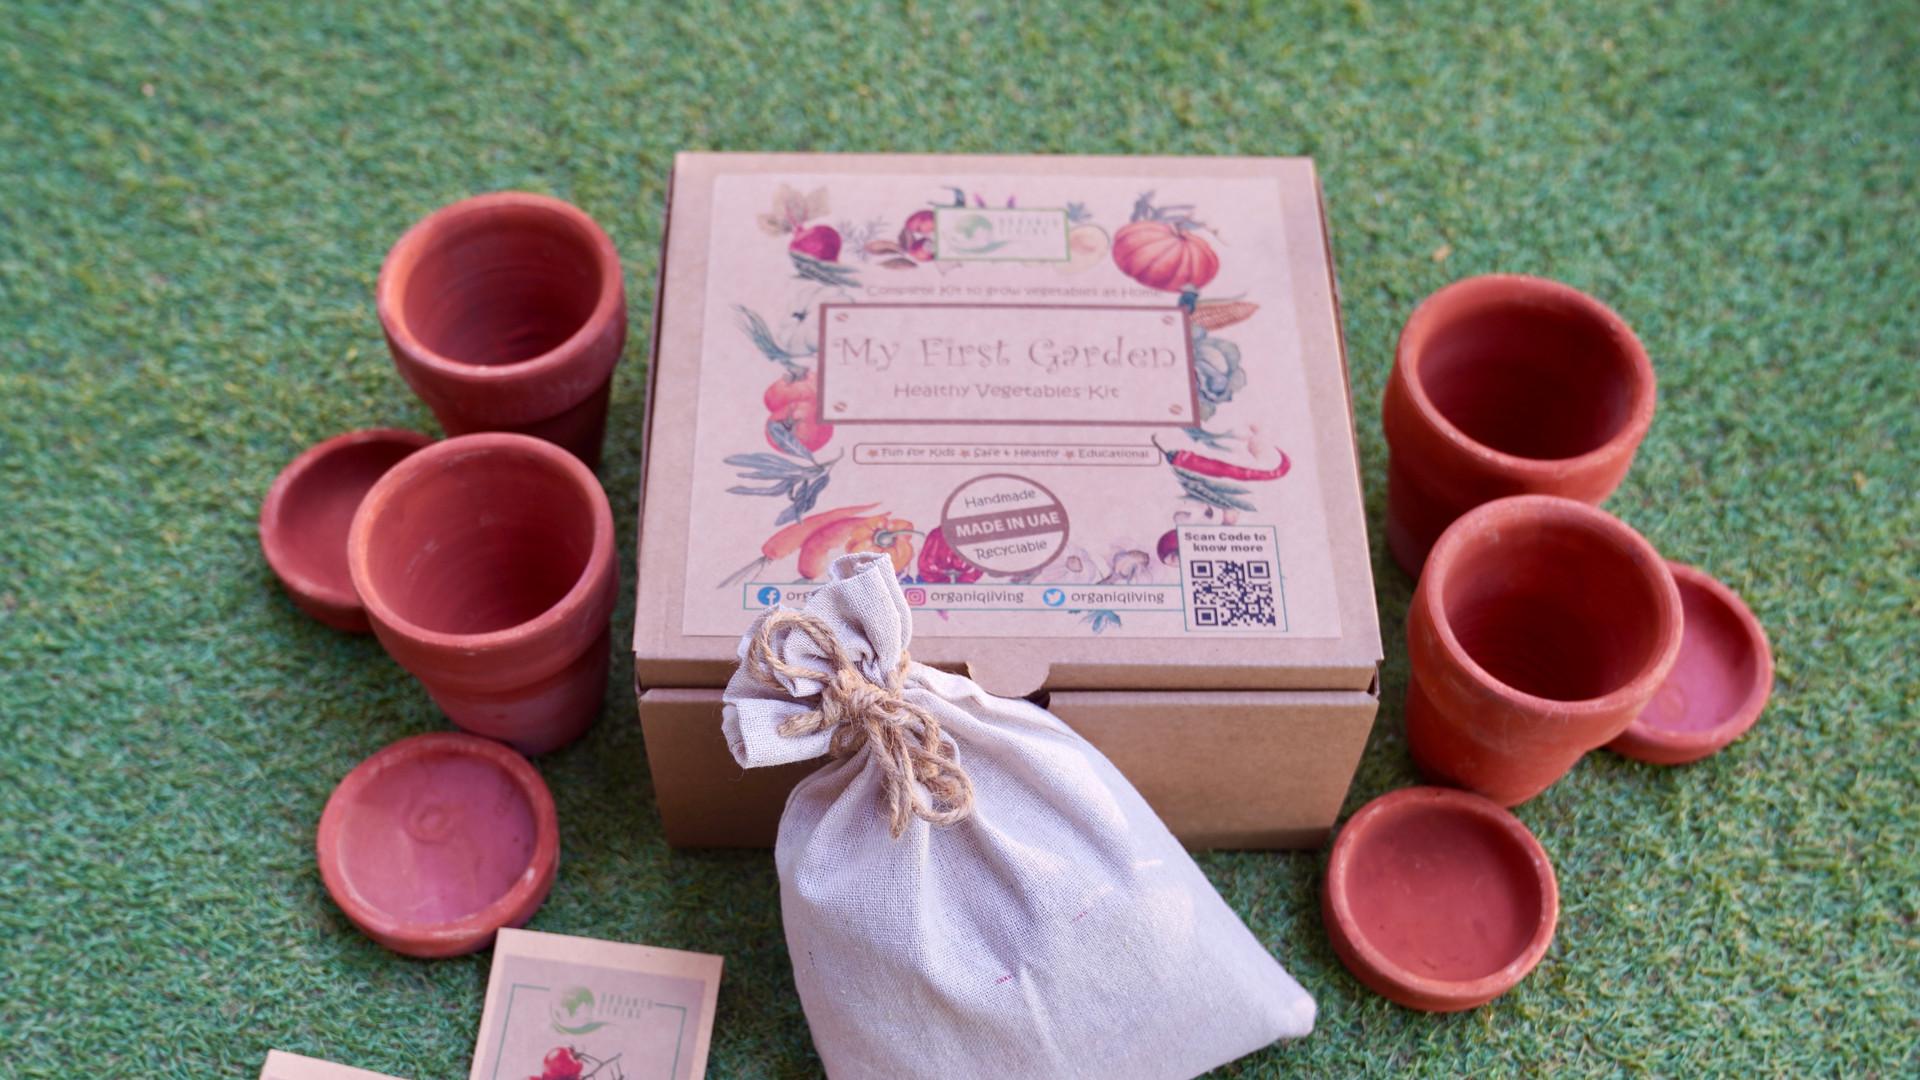 DIY Gardening Kit_Healthy Vegetables.JPG